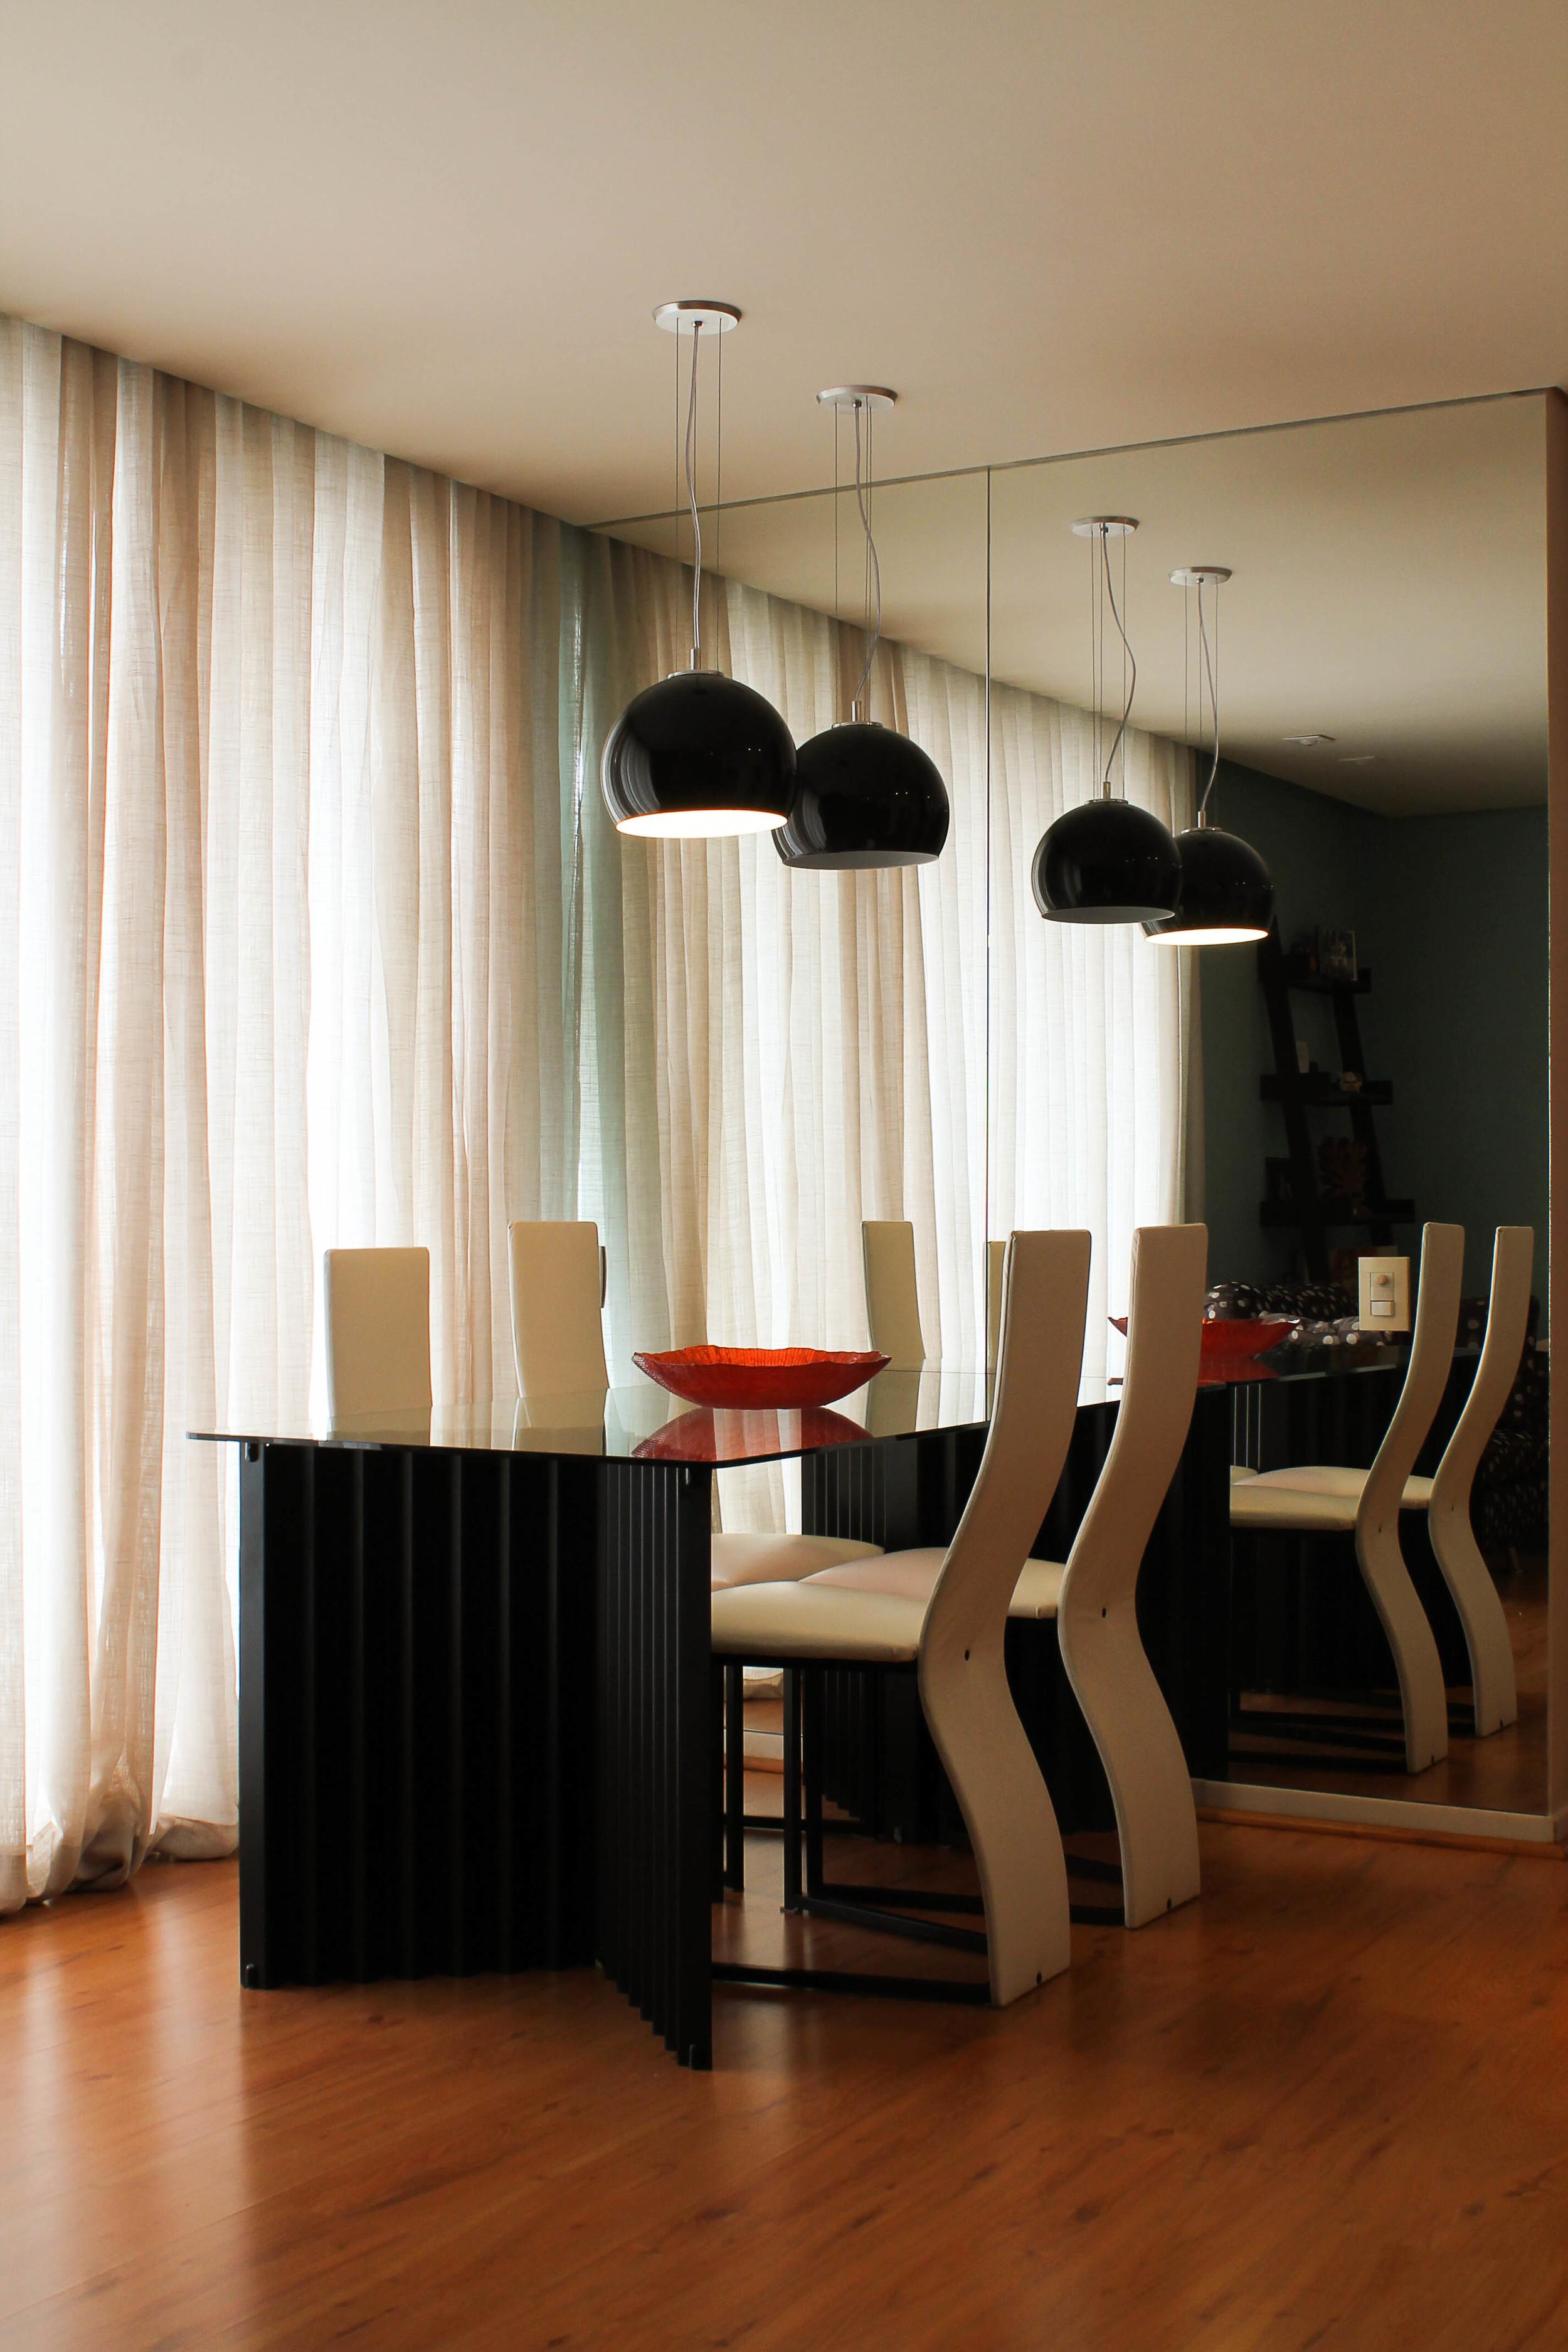 Sala de jantar iluminada por pendentes.